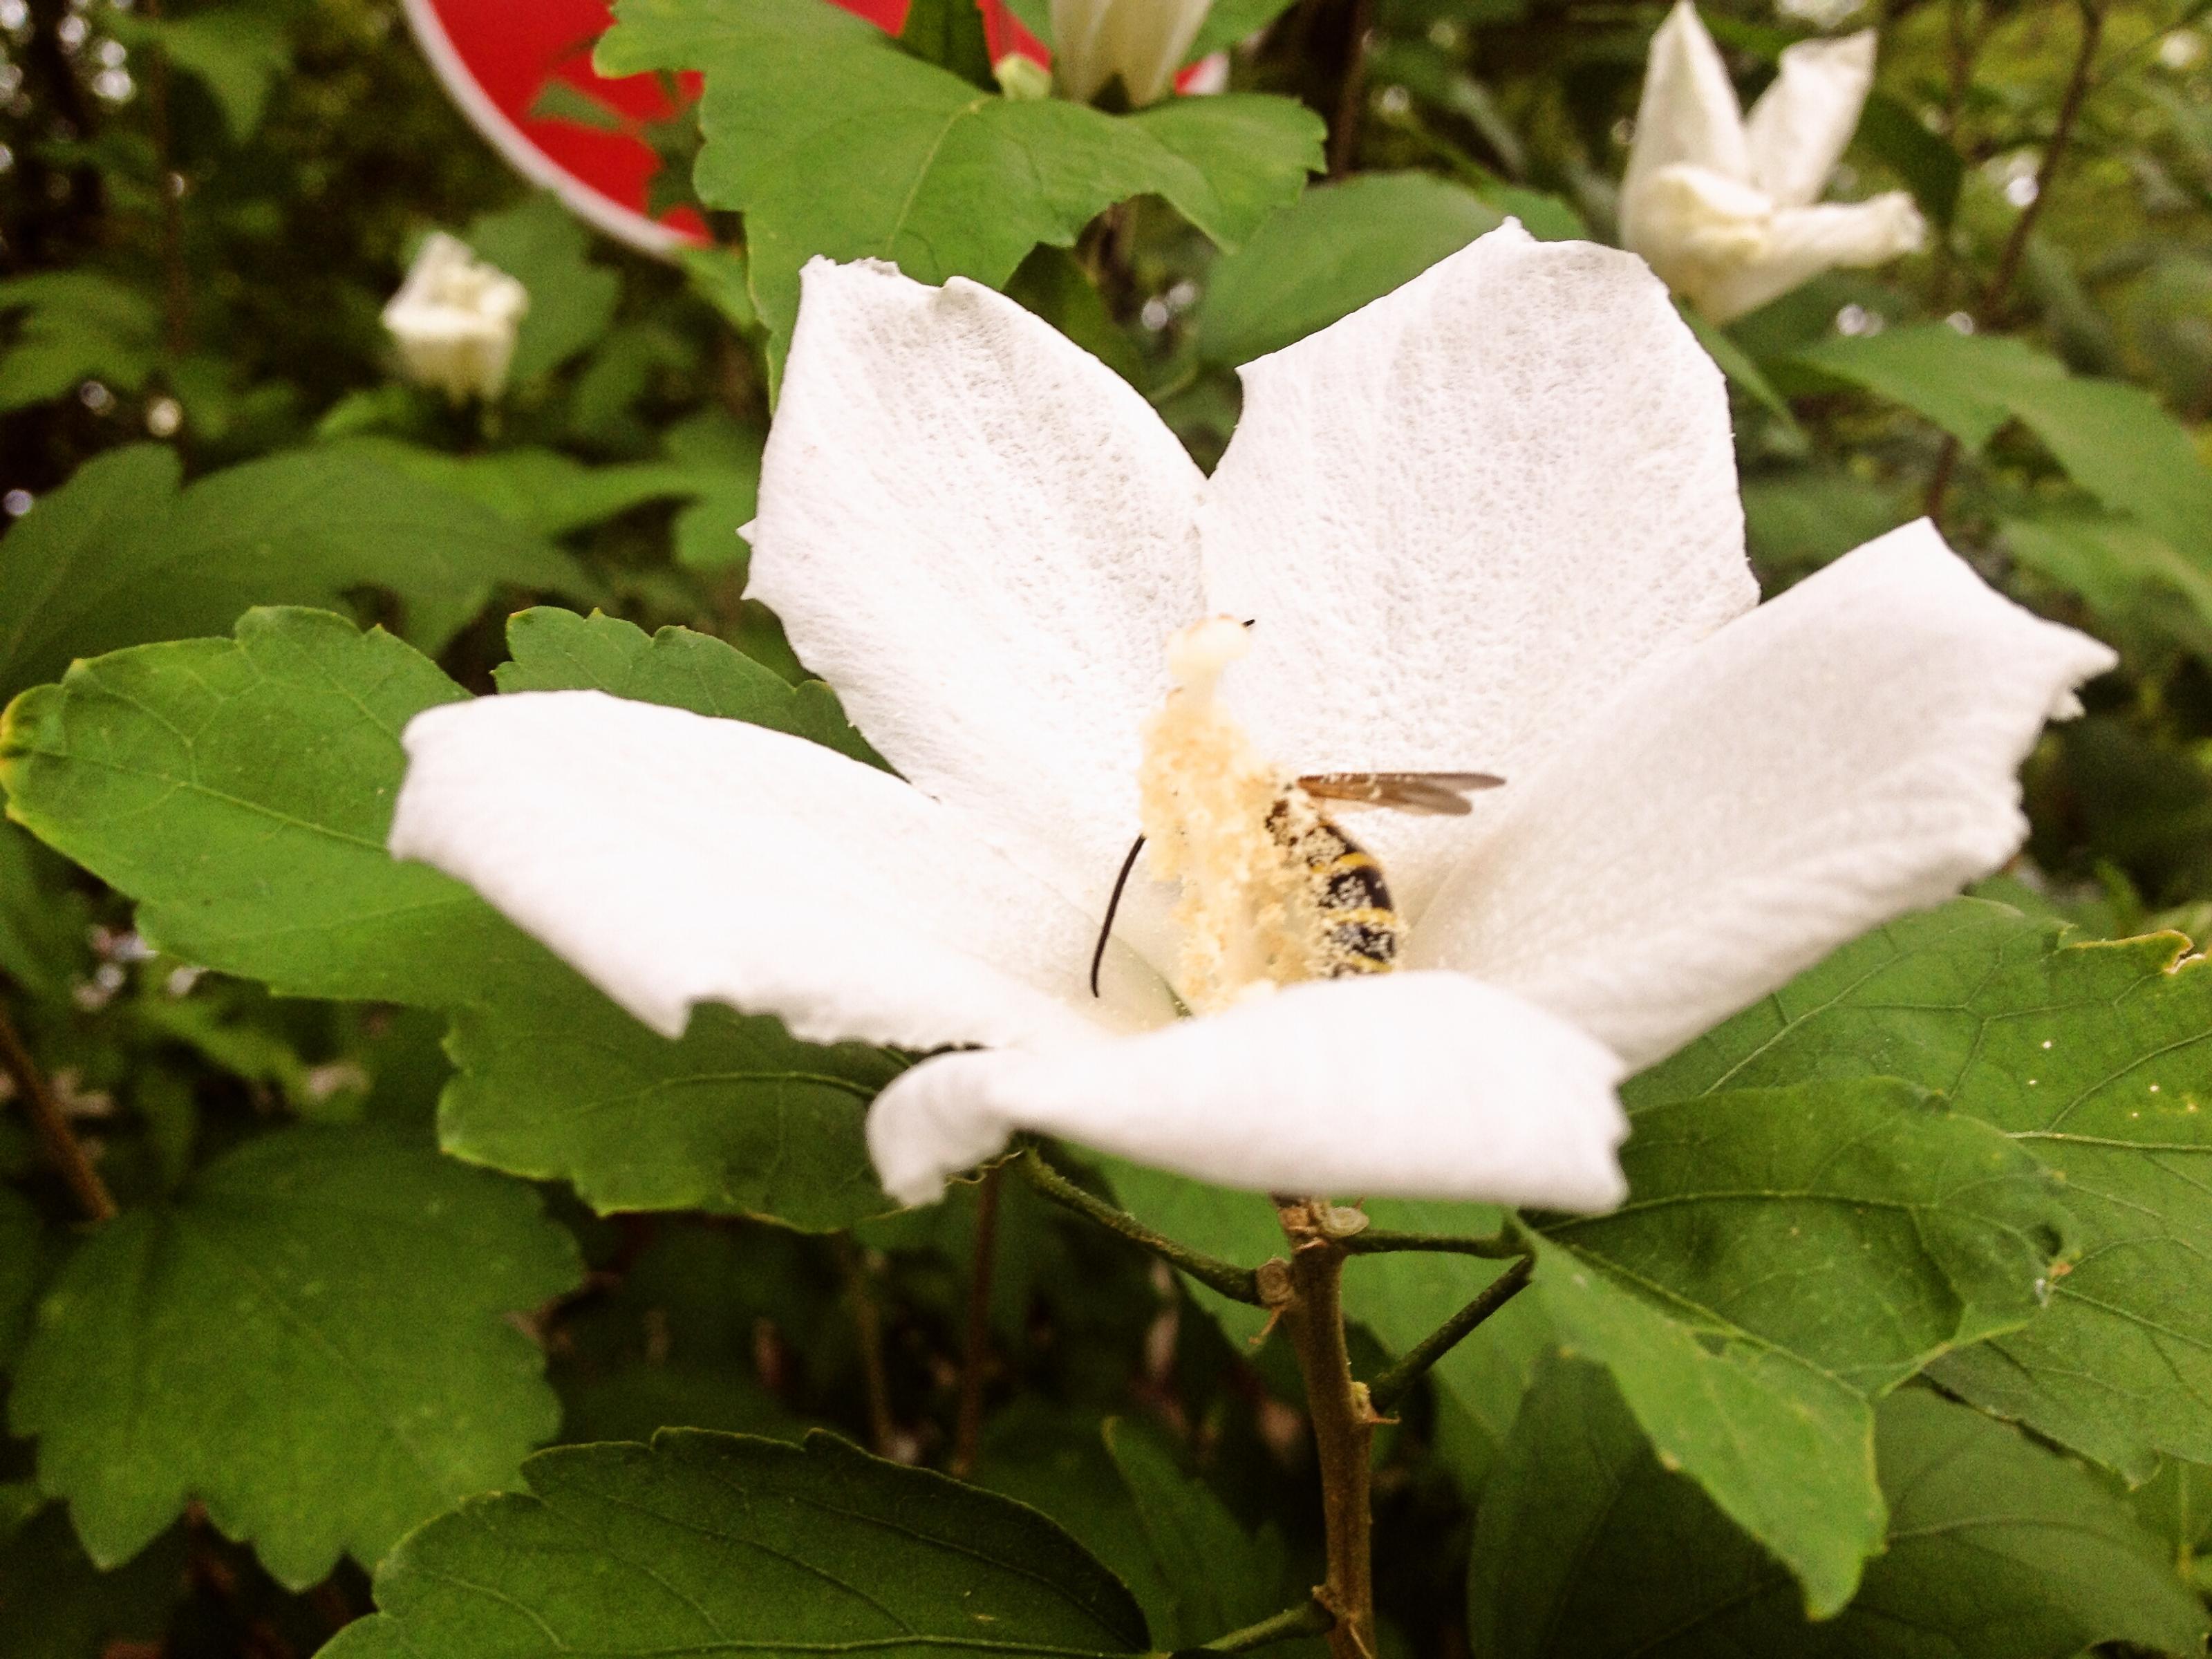 ムクゲ作業所にて勤労中のミツバチさん(たぶん)